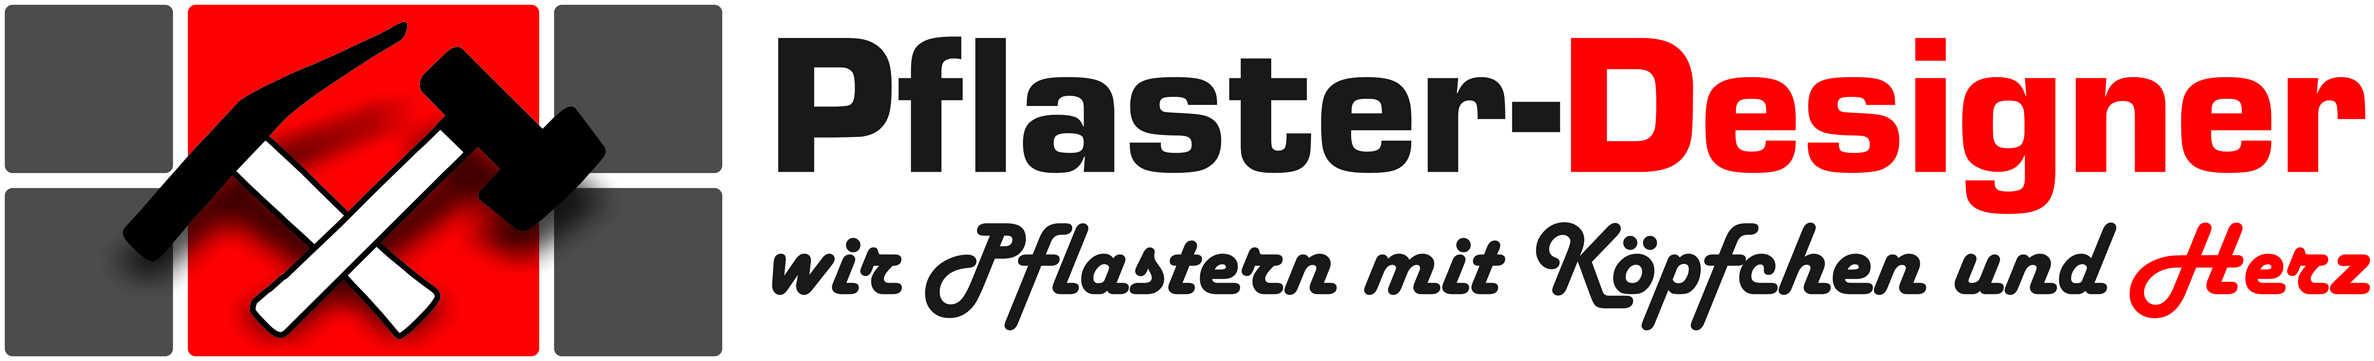 Pflaster-Designer